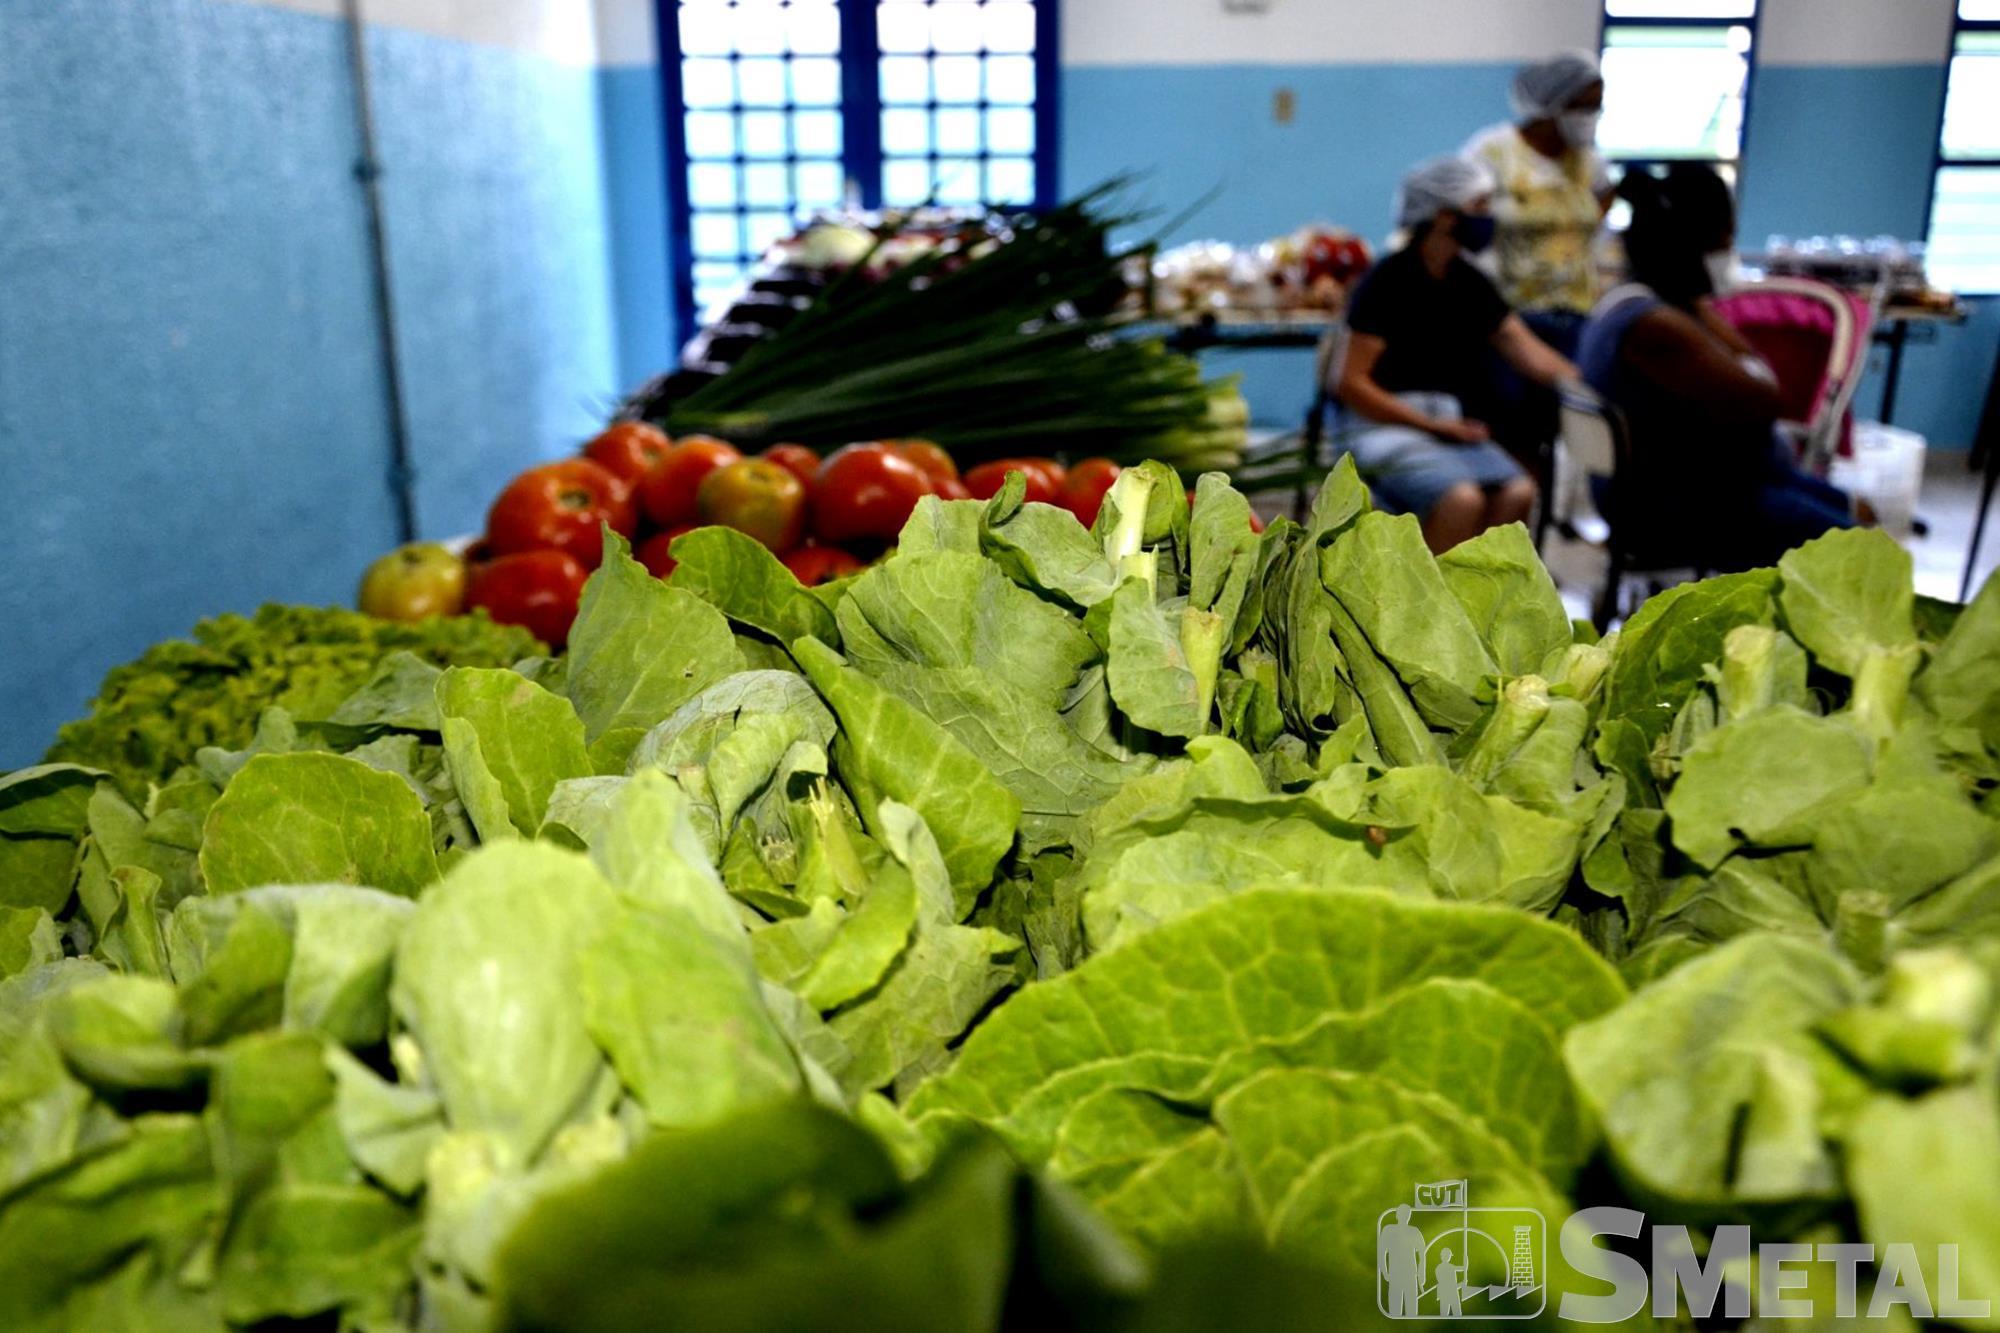 Jônatas Rosa/Imprensa SMetal , Nossa Feira é Livre usa sementes como moeda social para compra de alimentos